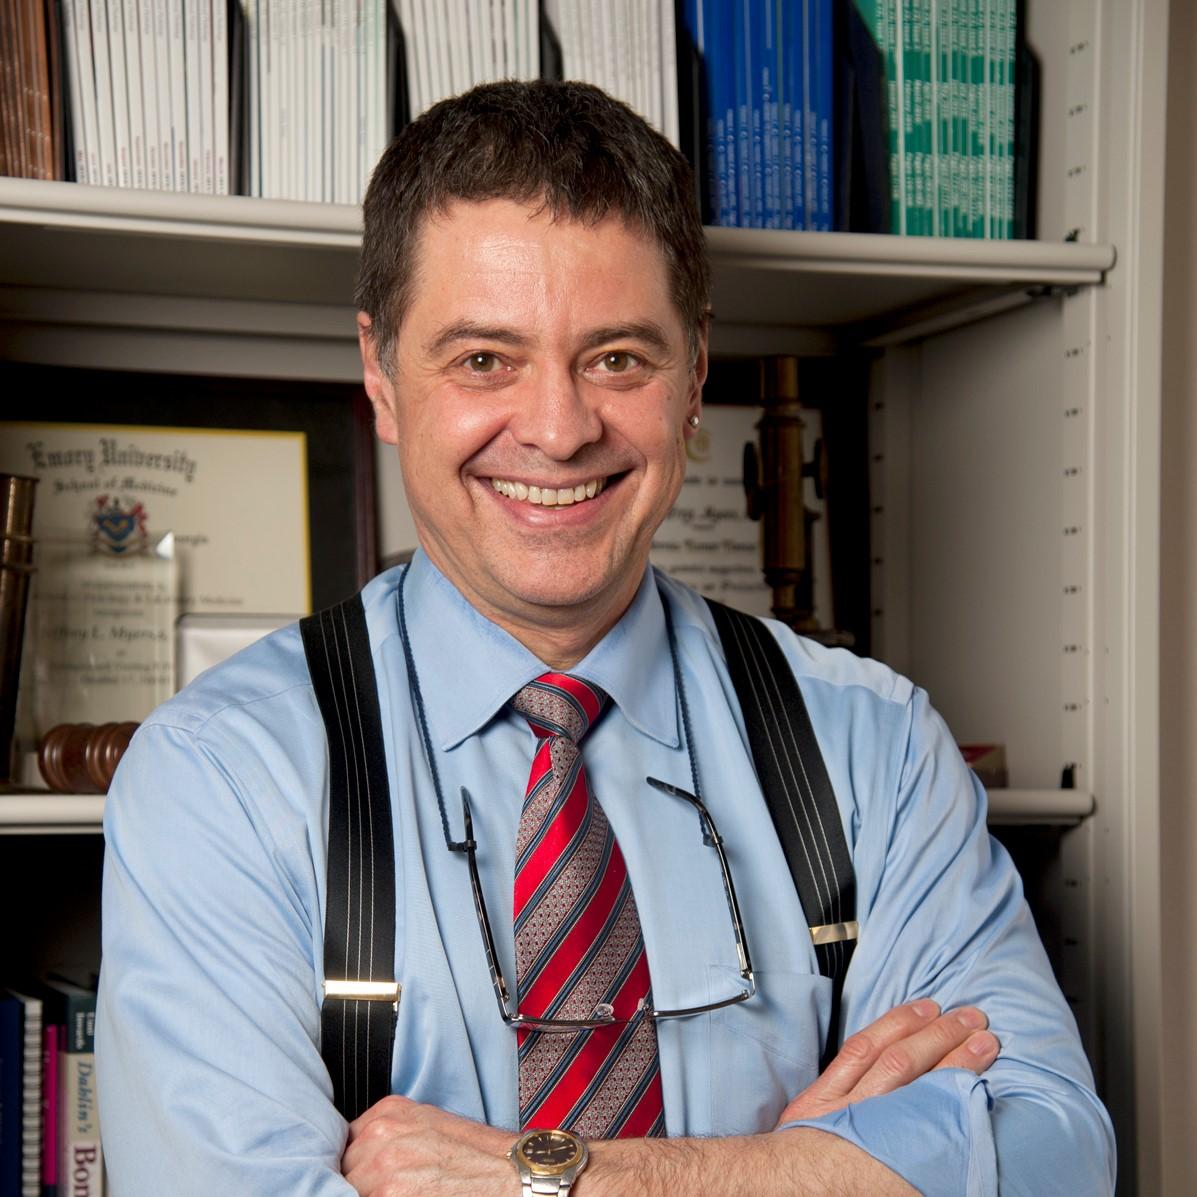 Dr. Jeffrey Myers